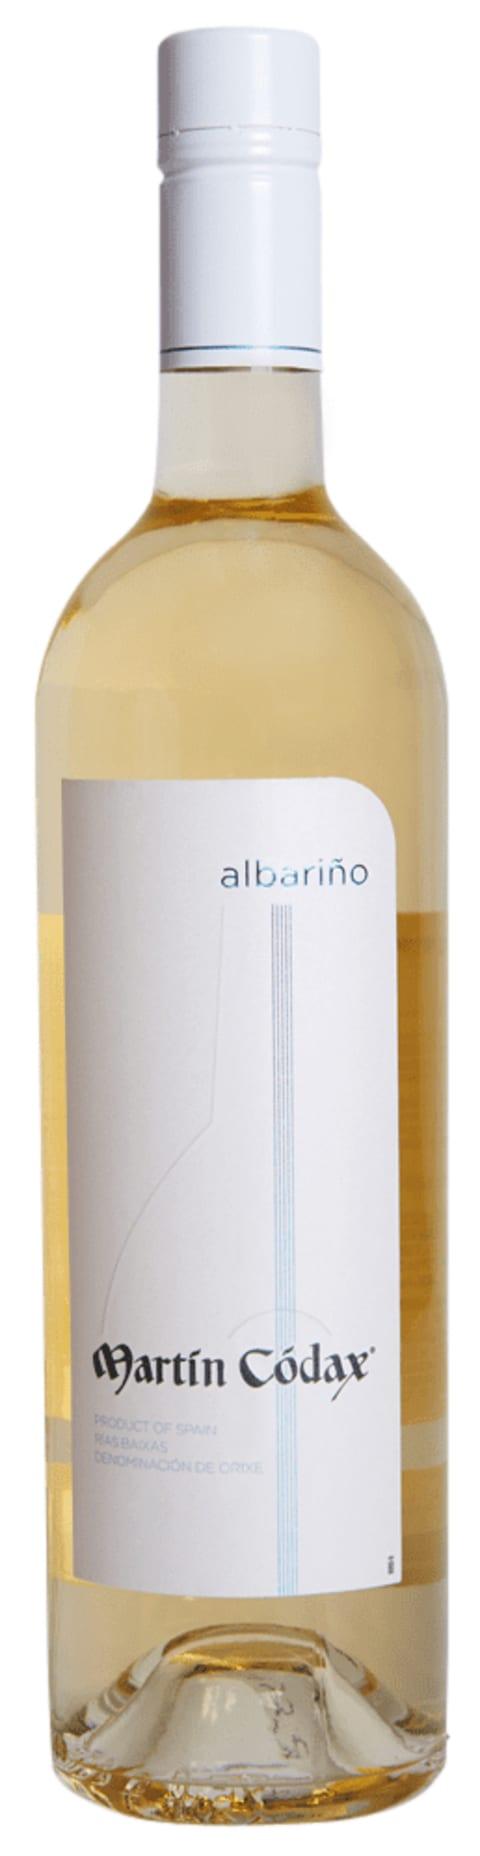 Front shot of wine bottle